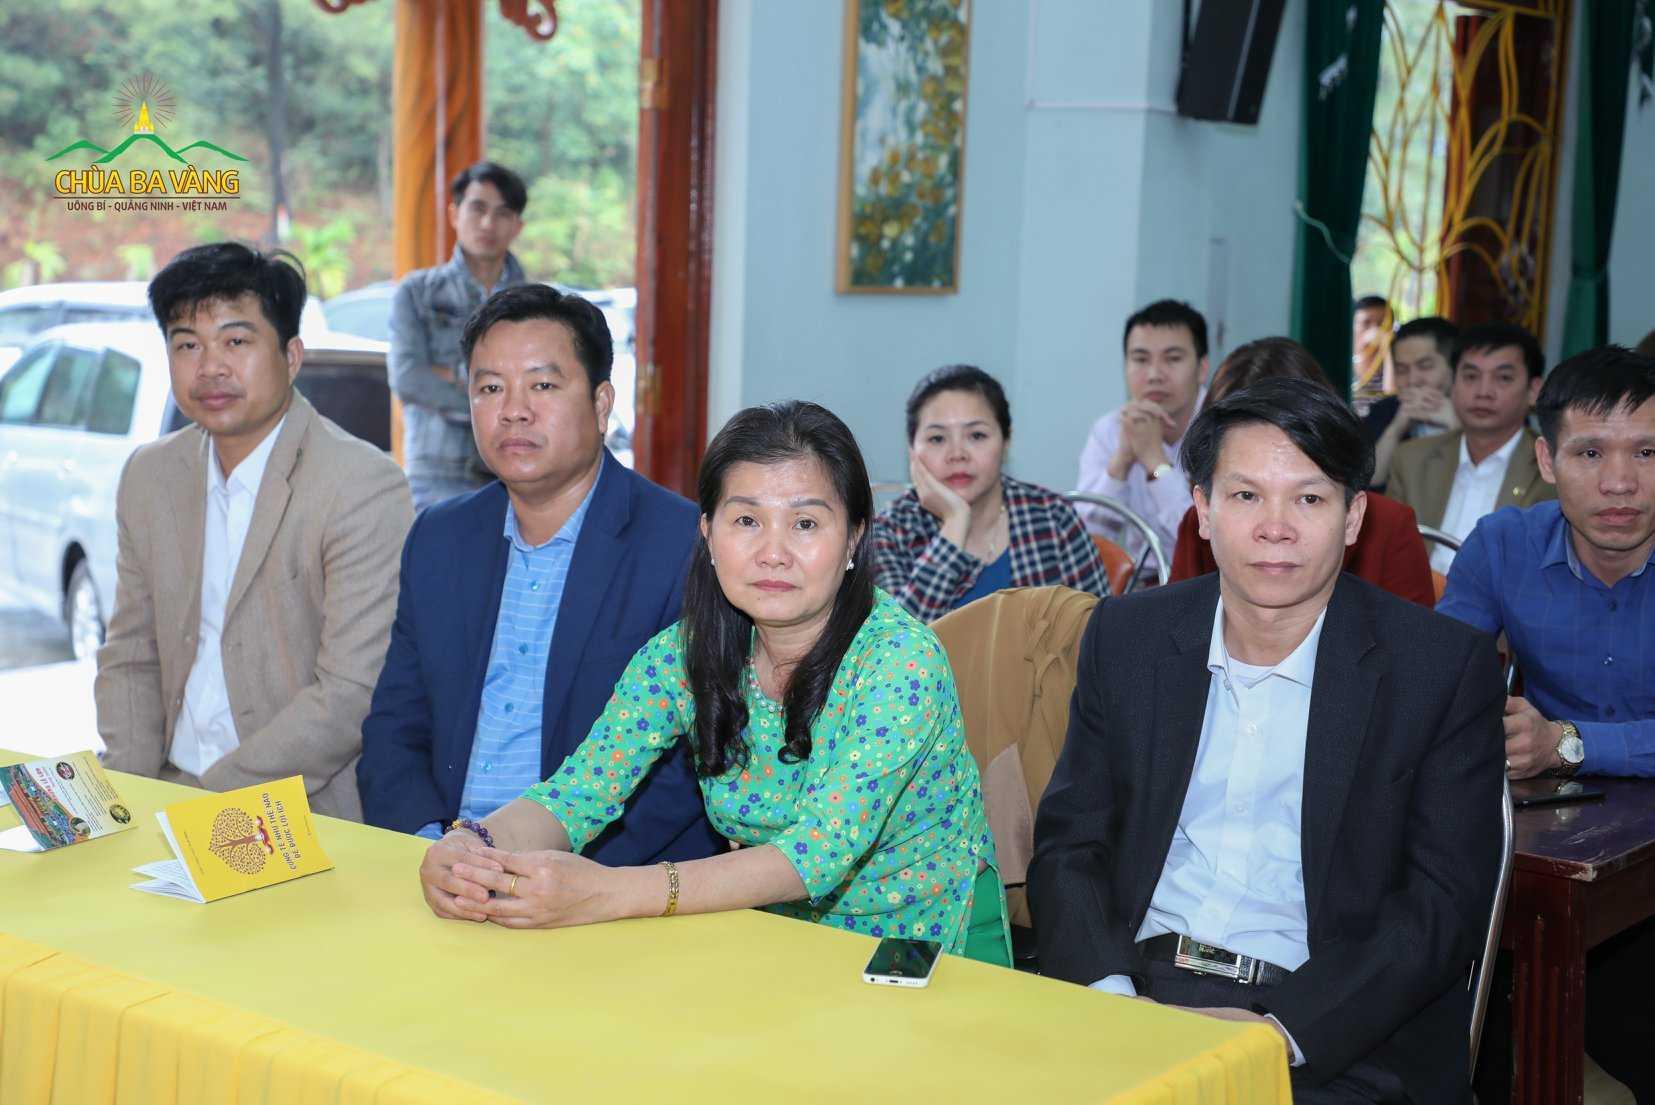 Thầy, cô giáo chăm chú lắng nghe bài giảng của Sư Phụ về người Thầy mẫu mực trong Phật Giáo